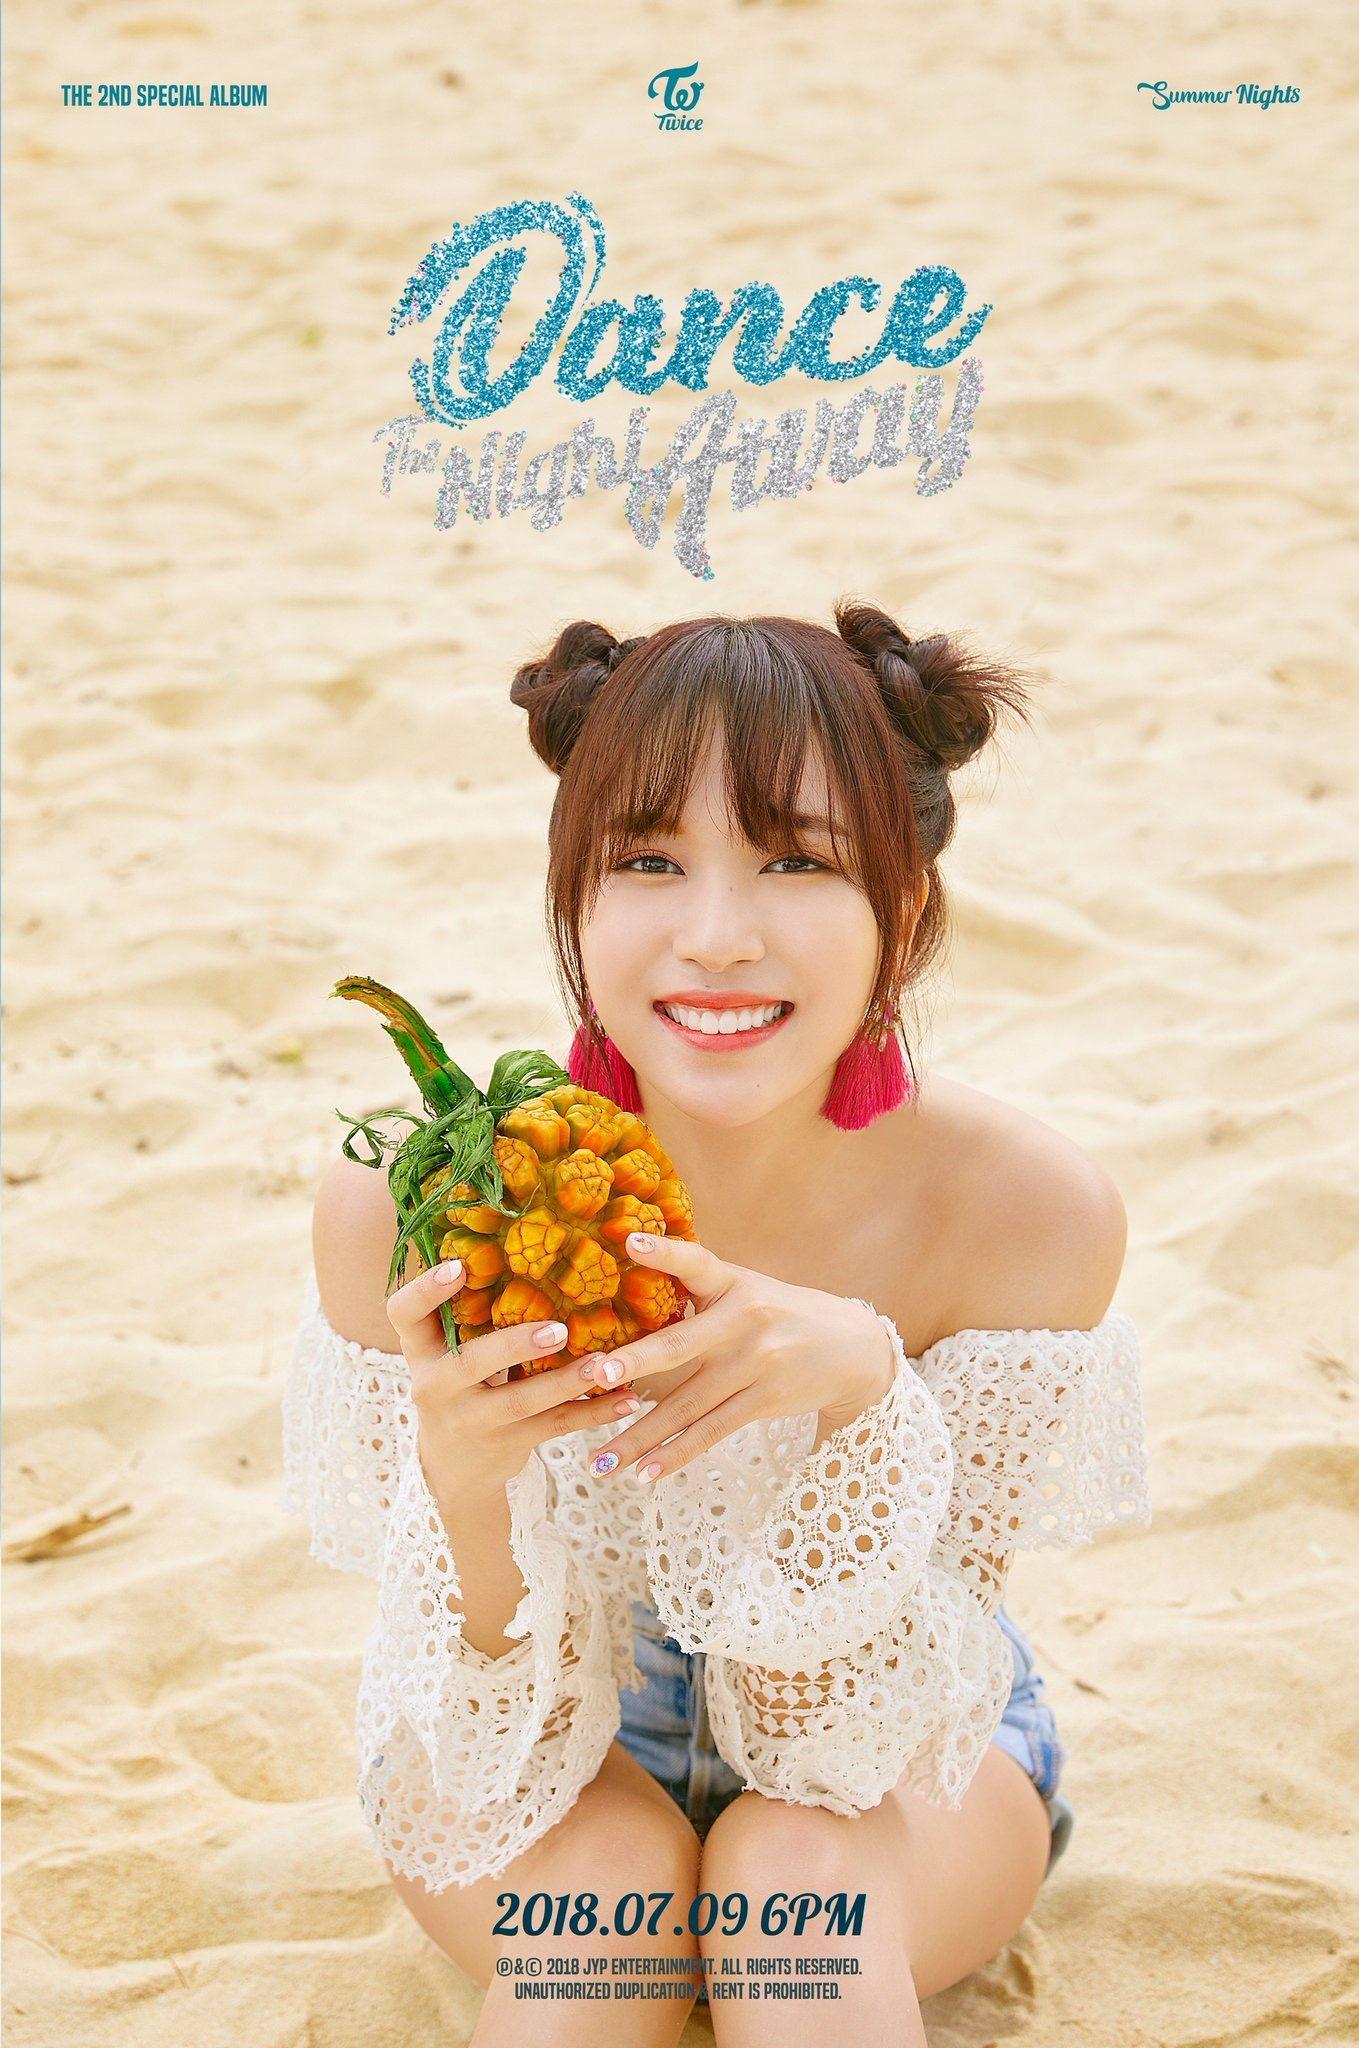 Twice Dance The Night Away Individual Teasers Mina 미나 Twice